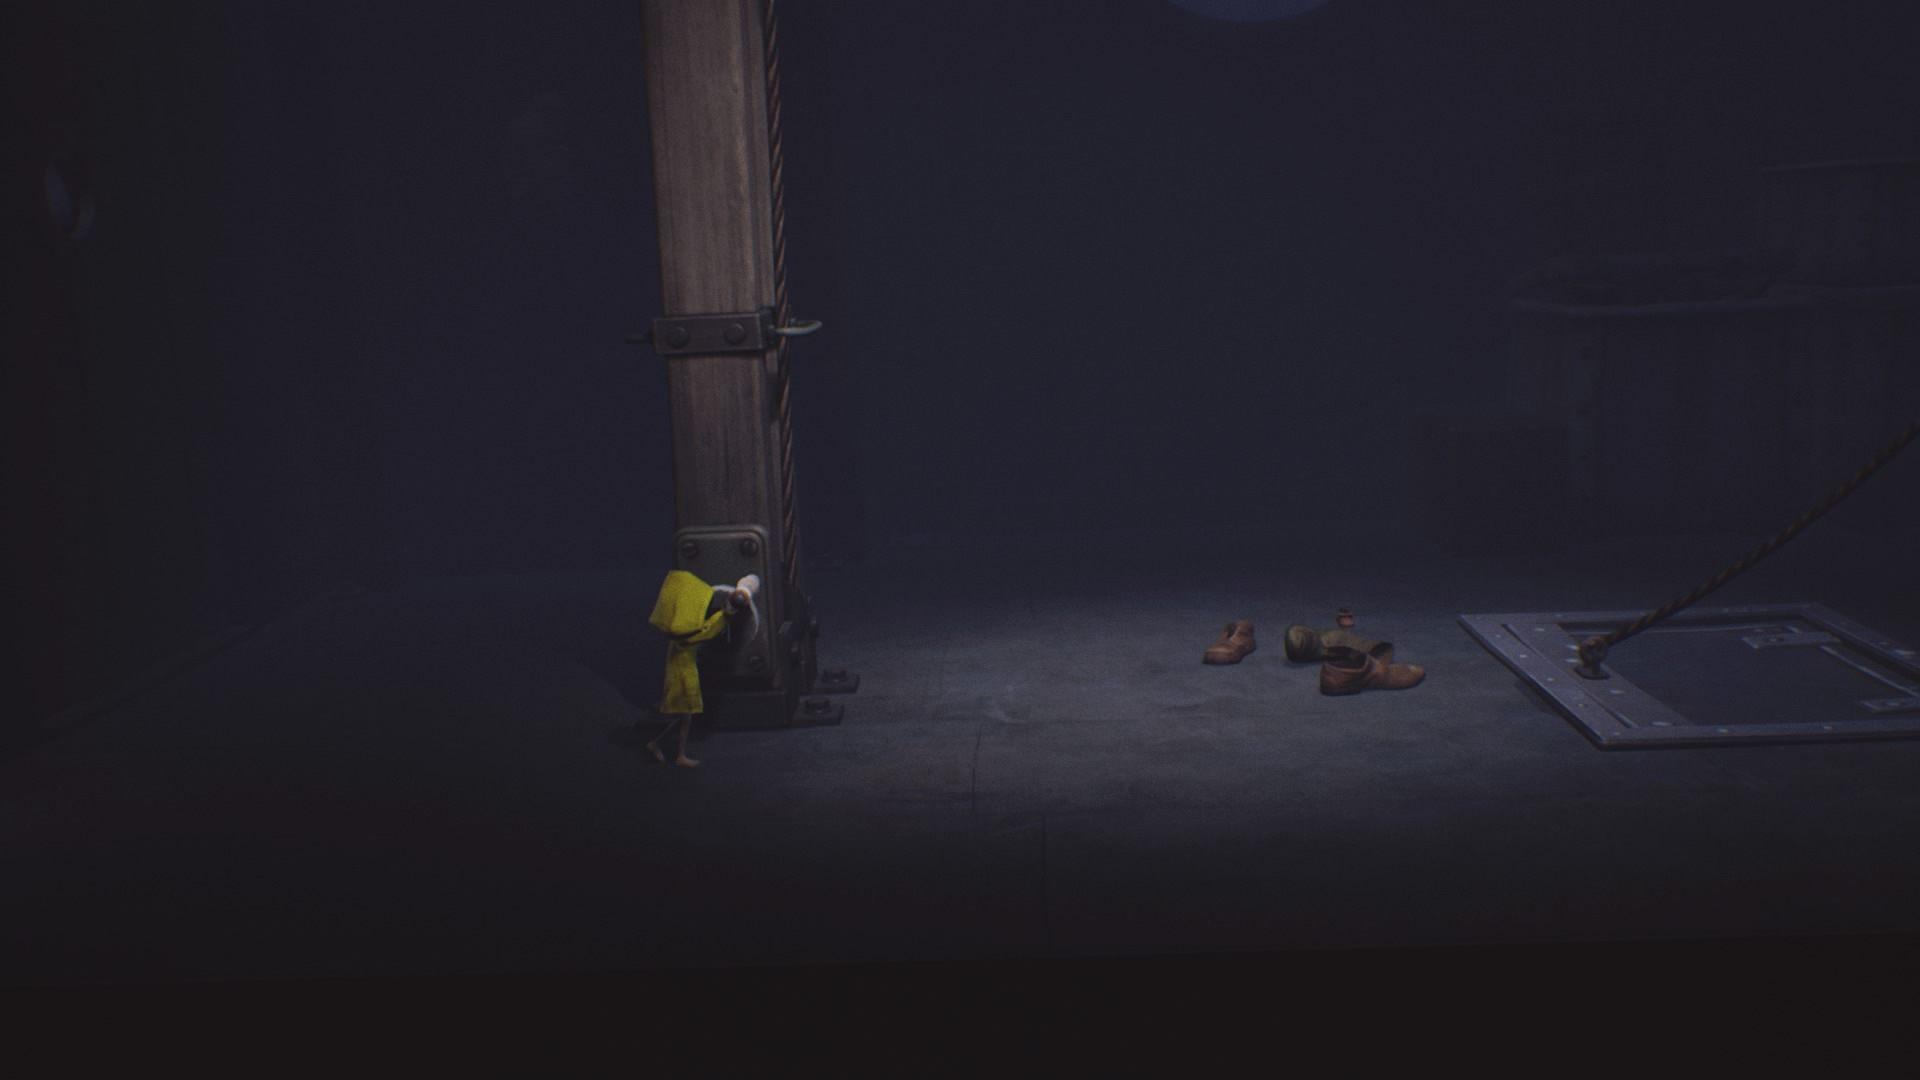 Uruchom dźwignię i szybko wskocz we właz, by uniknąć złapania! - Ucieczka z klatki i pierwsze spotkanie z niewidomą istotą | The Lair - Little Nightmares - poradnik do gry